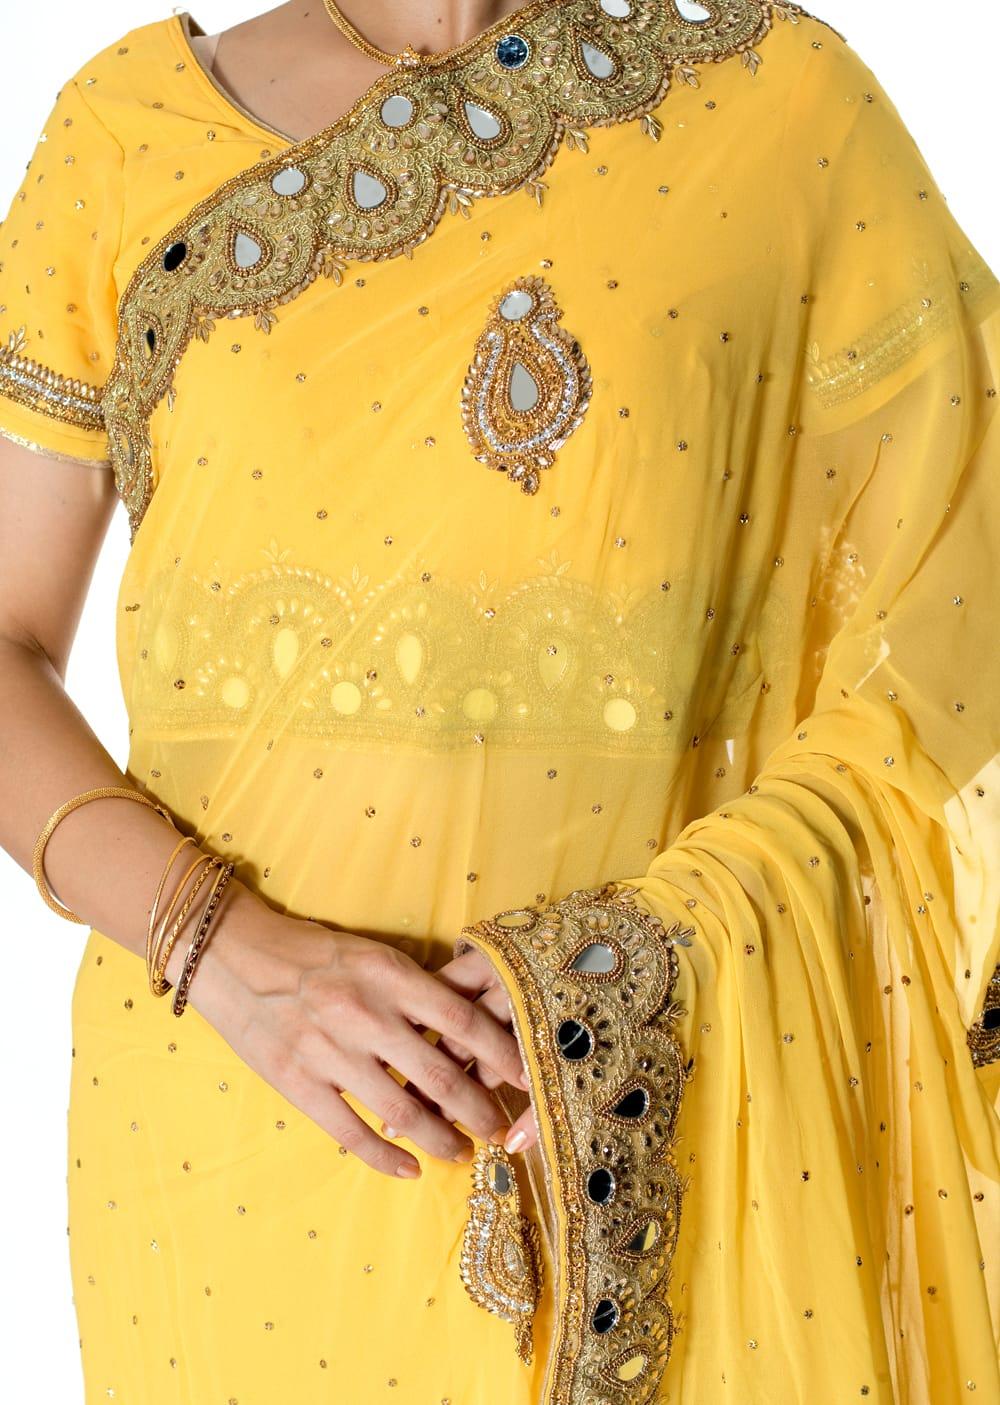 【一点物】ミラーワークと刺繍の婚礼用ゴージャス ジョーゼットサリー【チョリ付き】 - 黄色 5 - 拡大写真です